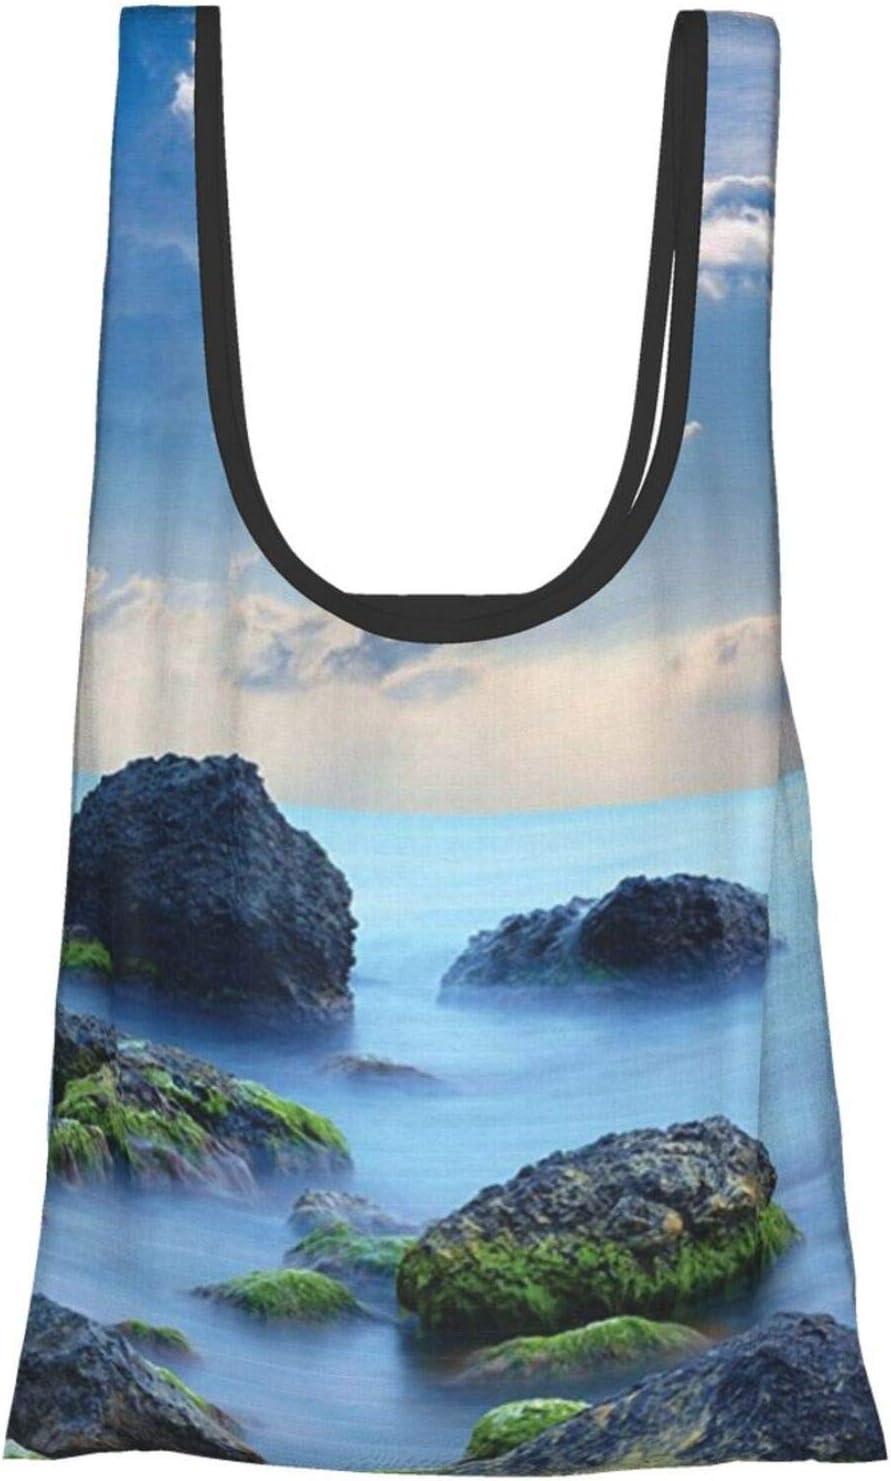 Hdaw Bolsas de la compra ecológicas y reutilizables con diseño de piedras de mar azules y caribe místico caribeño para niños y niñas